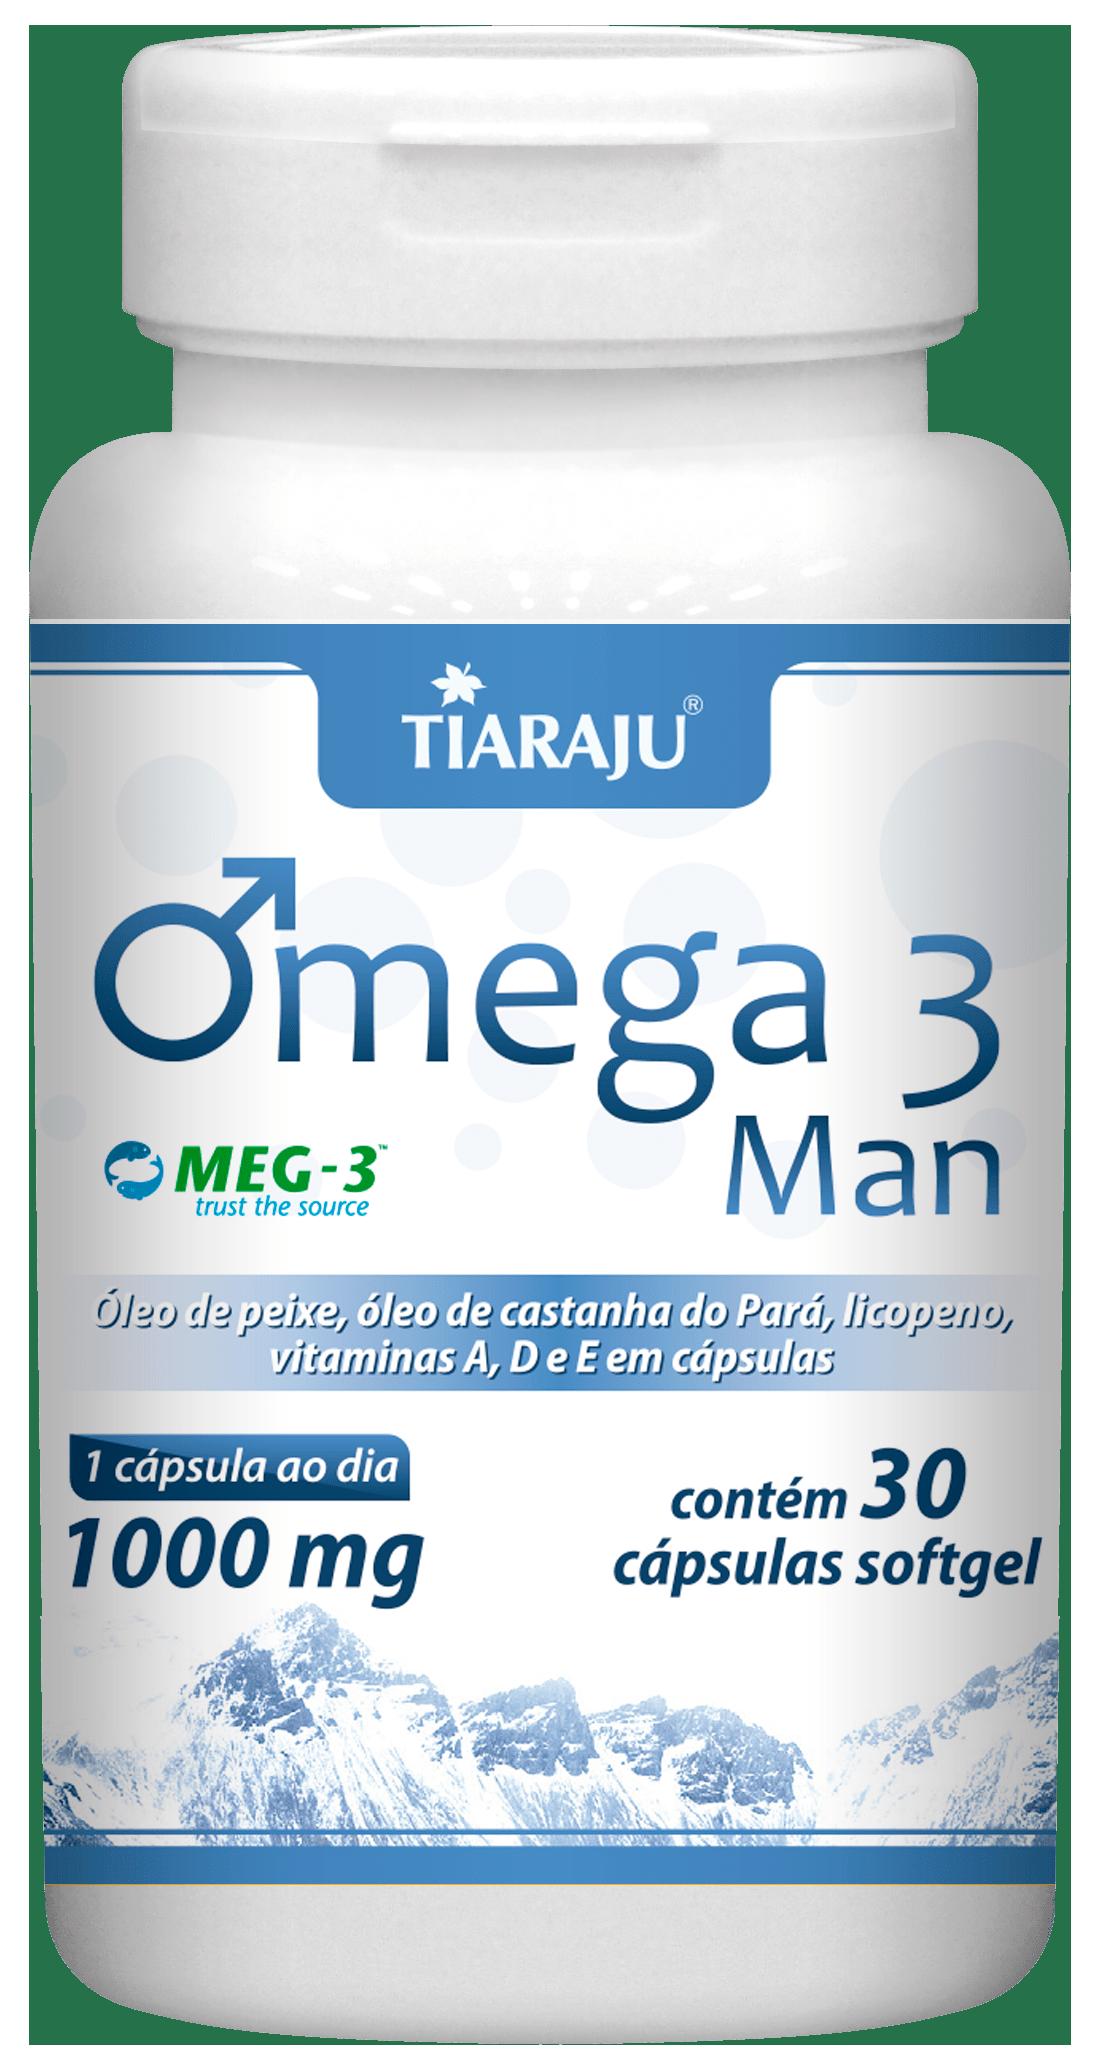 Ômega 3 Man